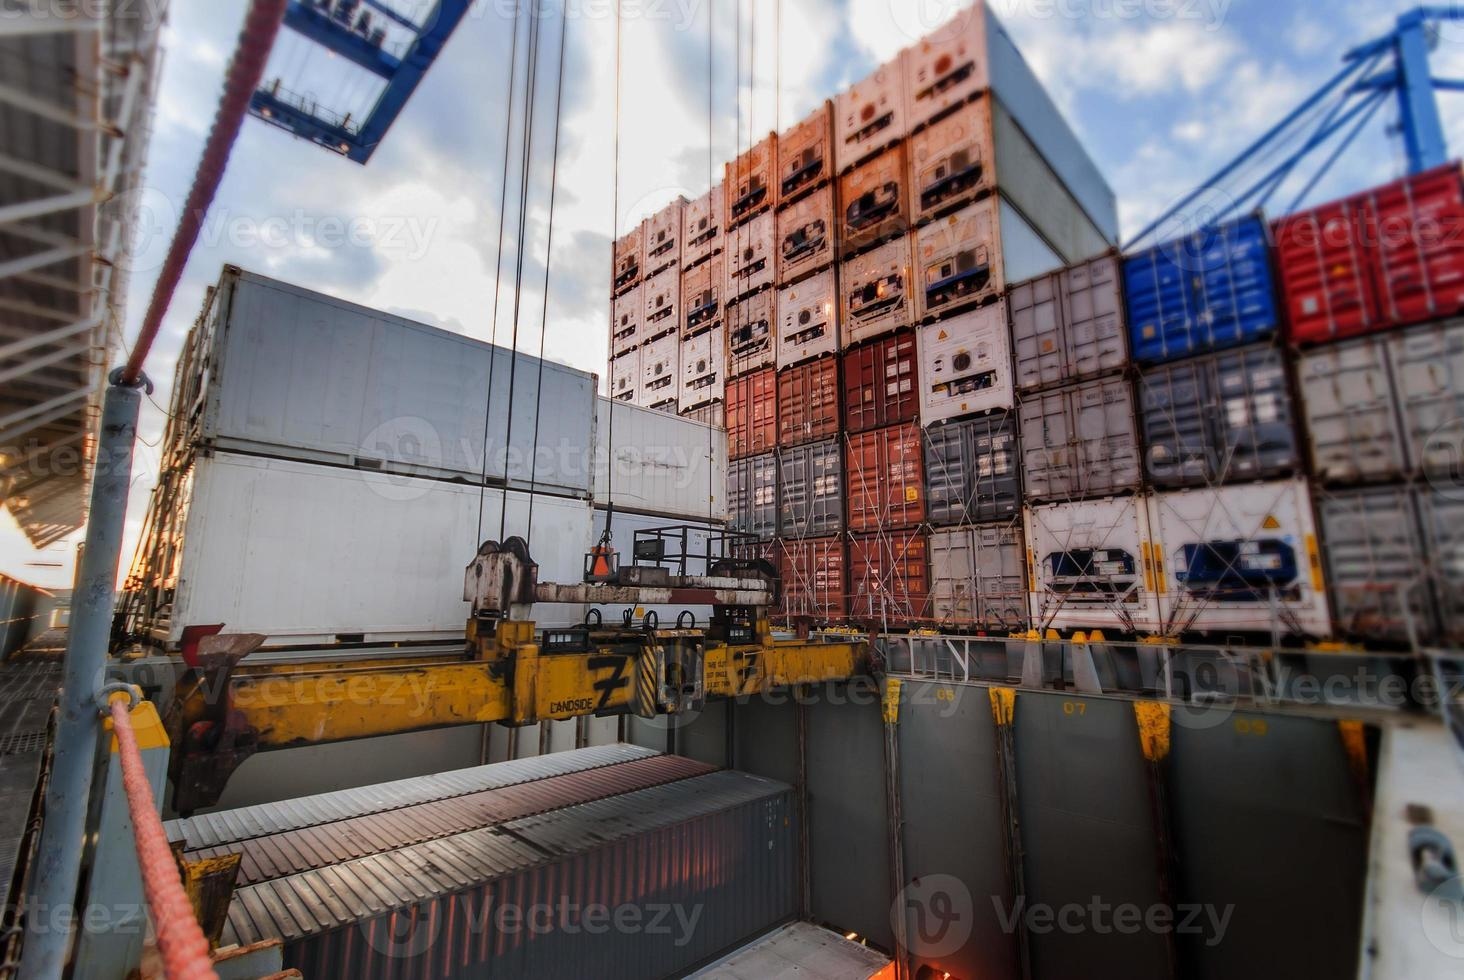 la gru portuale solleva il container durante l'operazione di carico foto